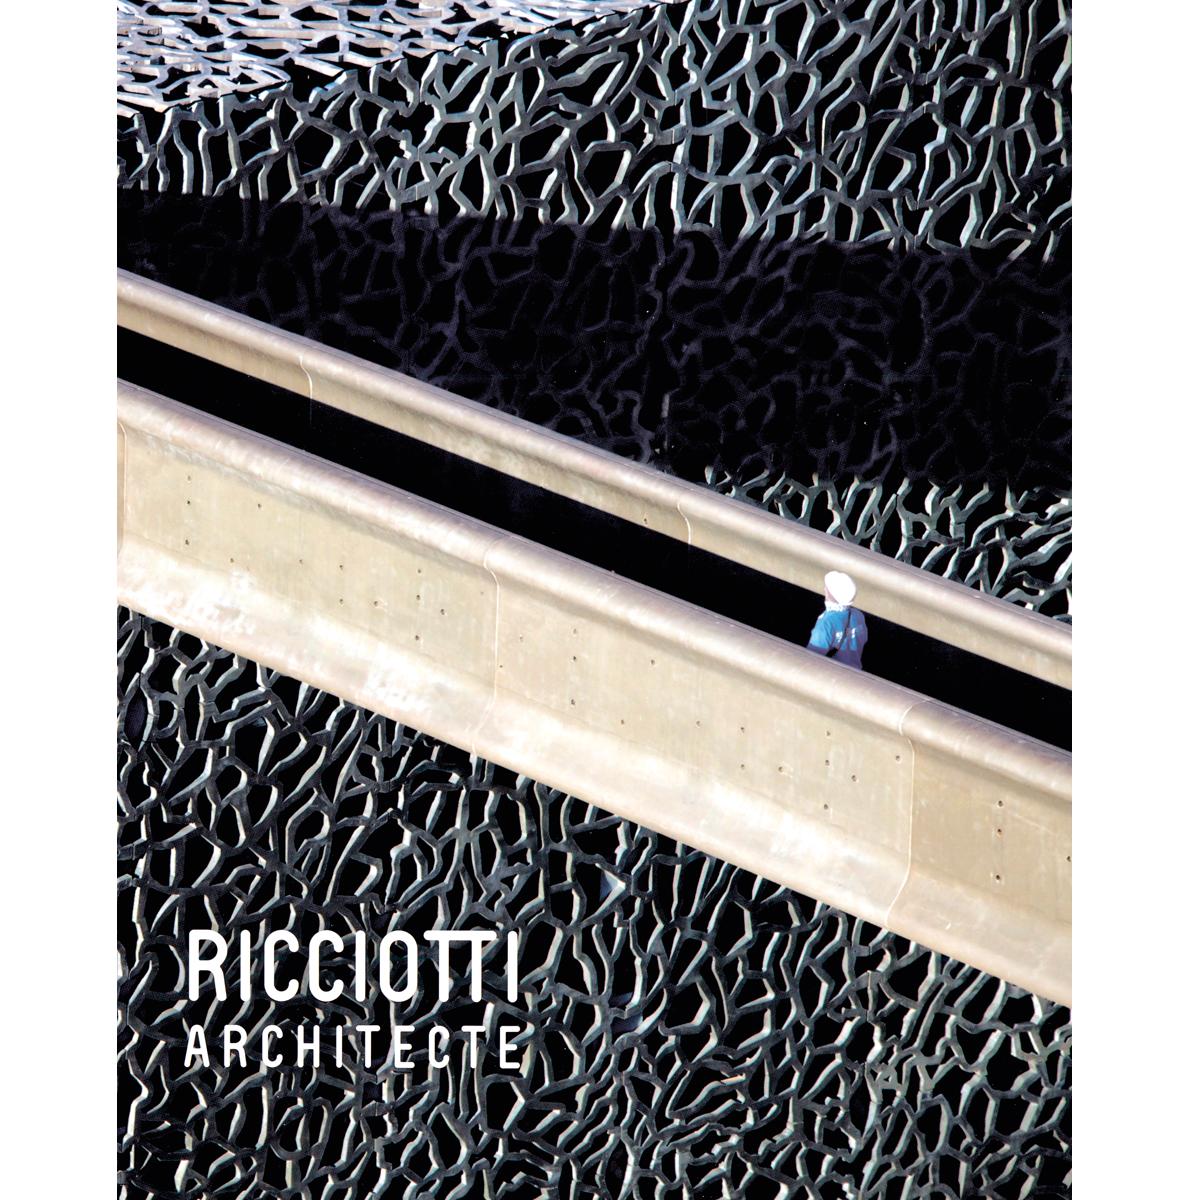 Ricciotti Architecte